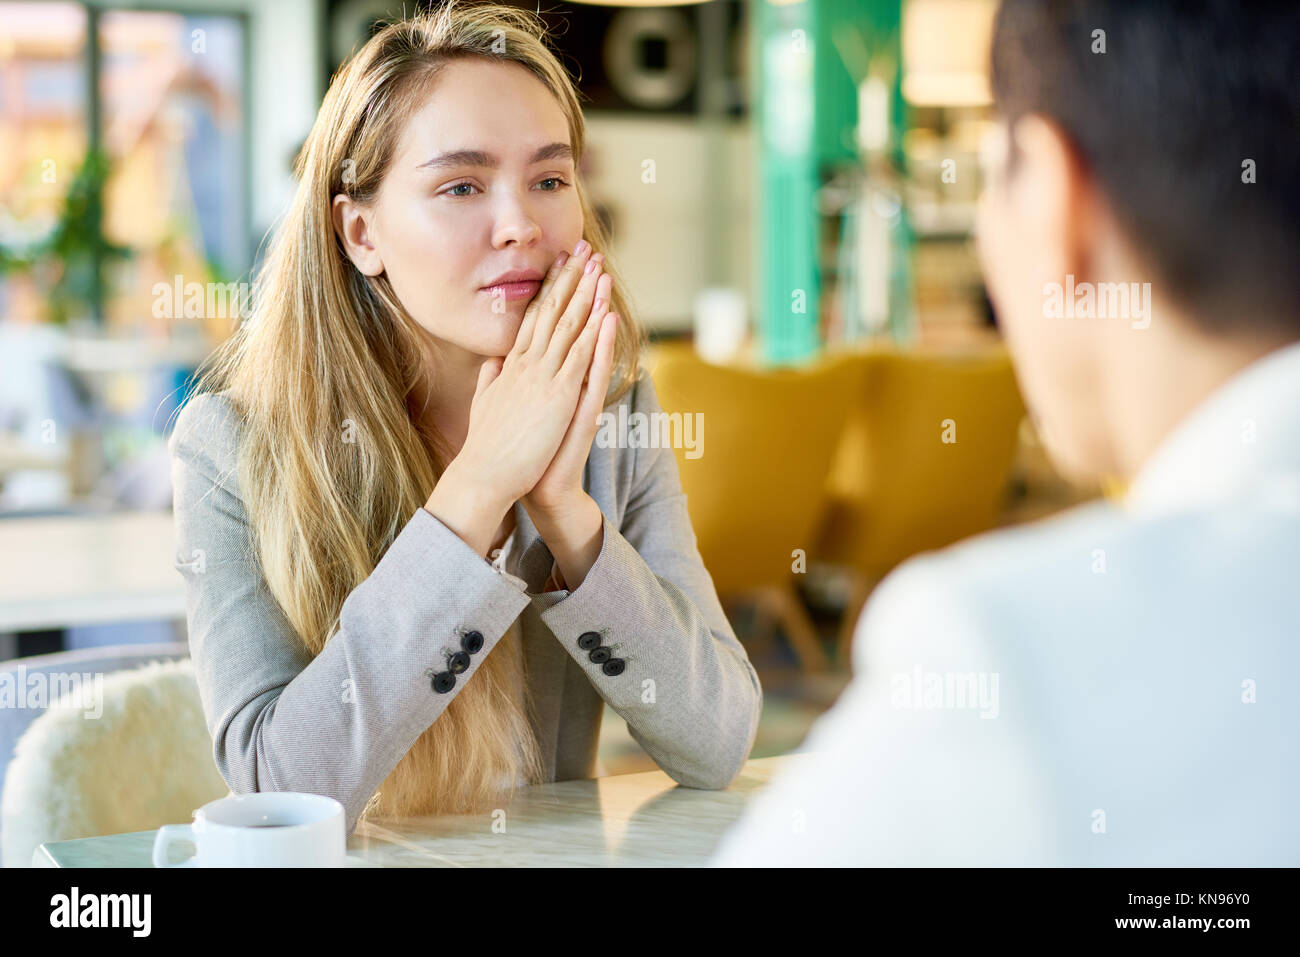 Blonde Junge Geschäftsfrau im Cafe Stockbild